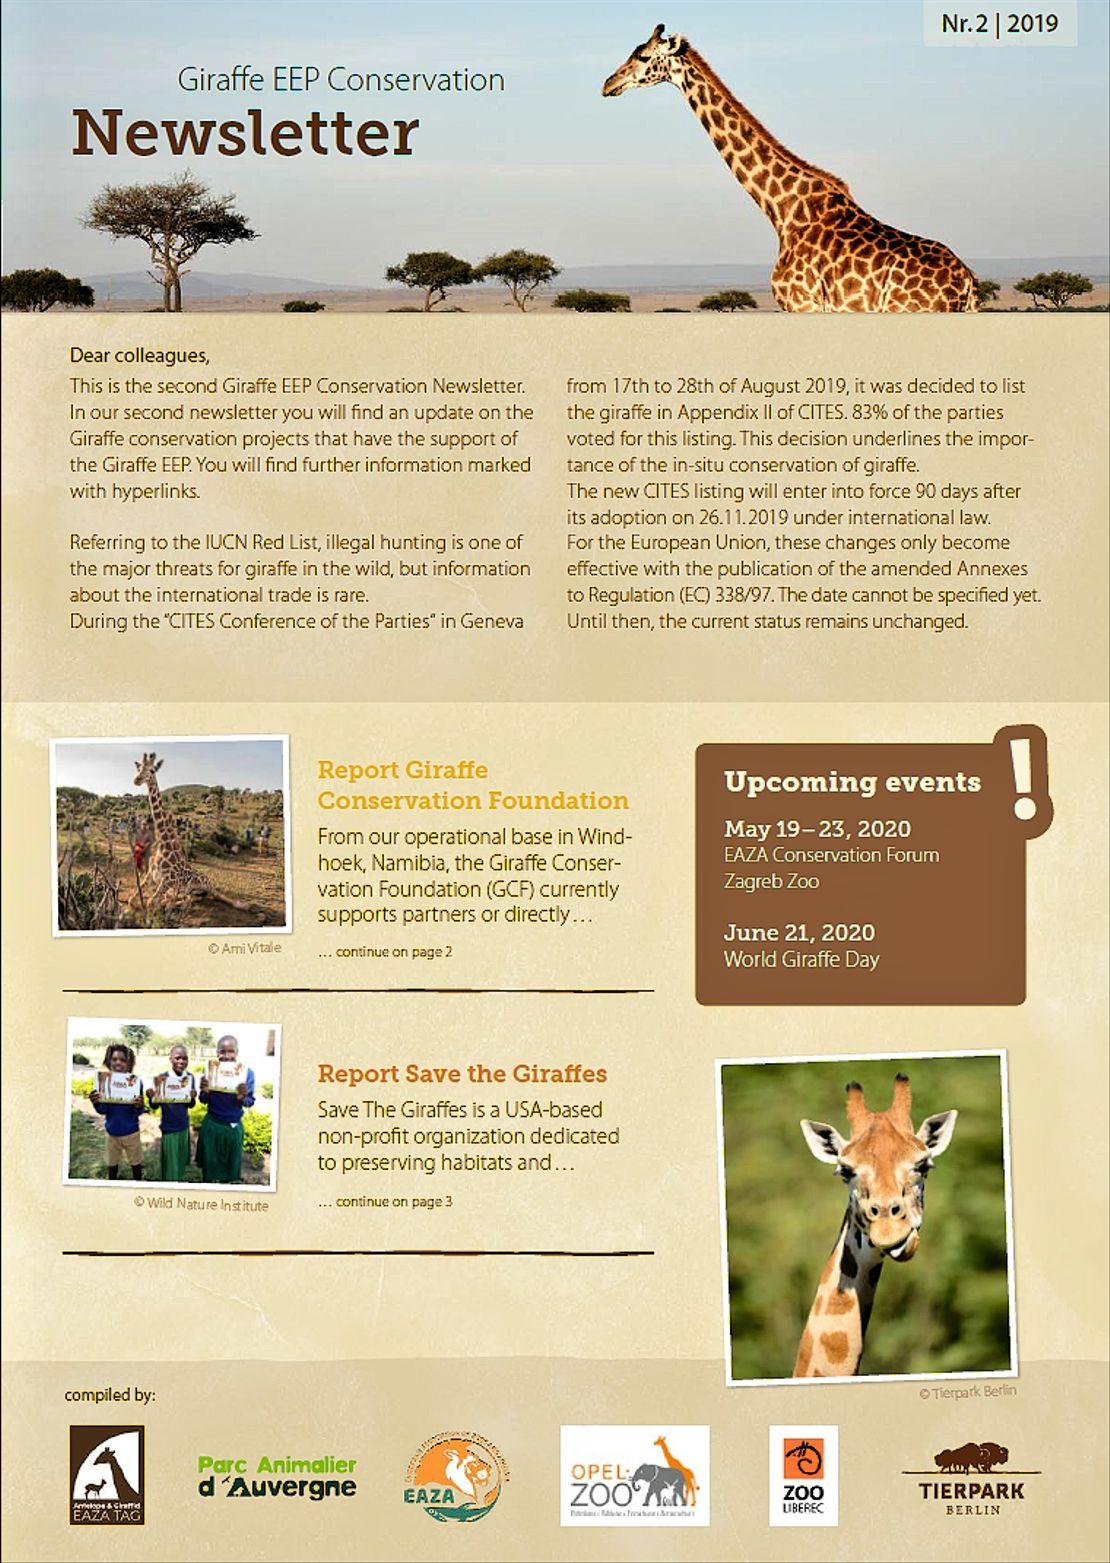 Druhý newsletter s tématikou ochrany volně žijících populací žiraf je na světě